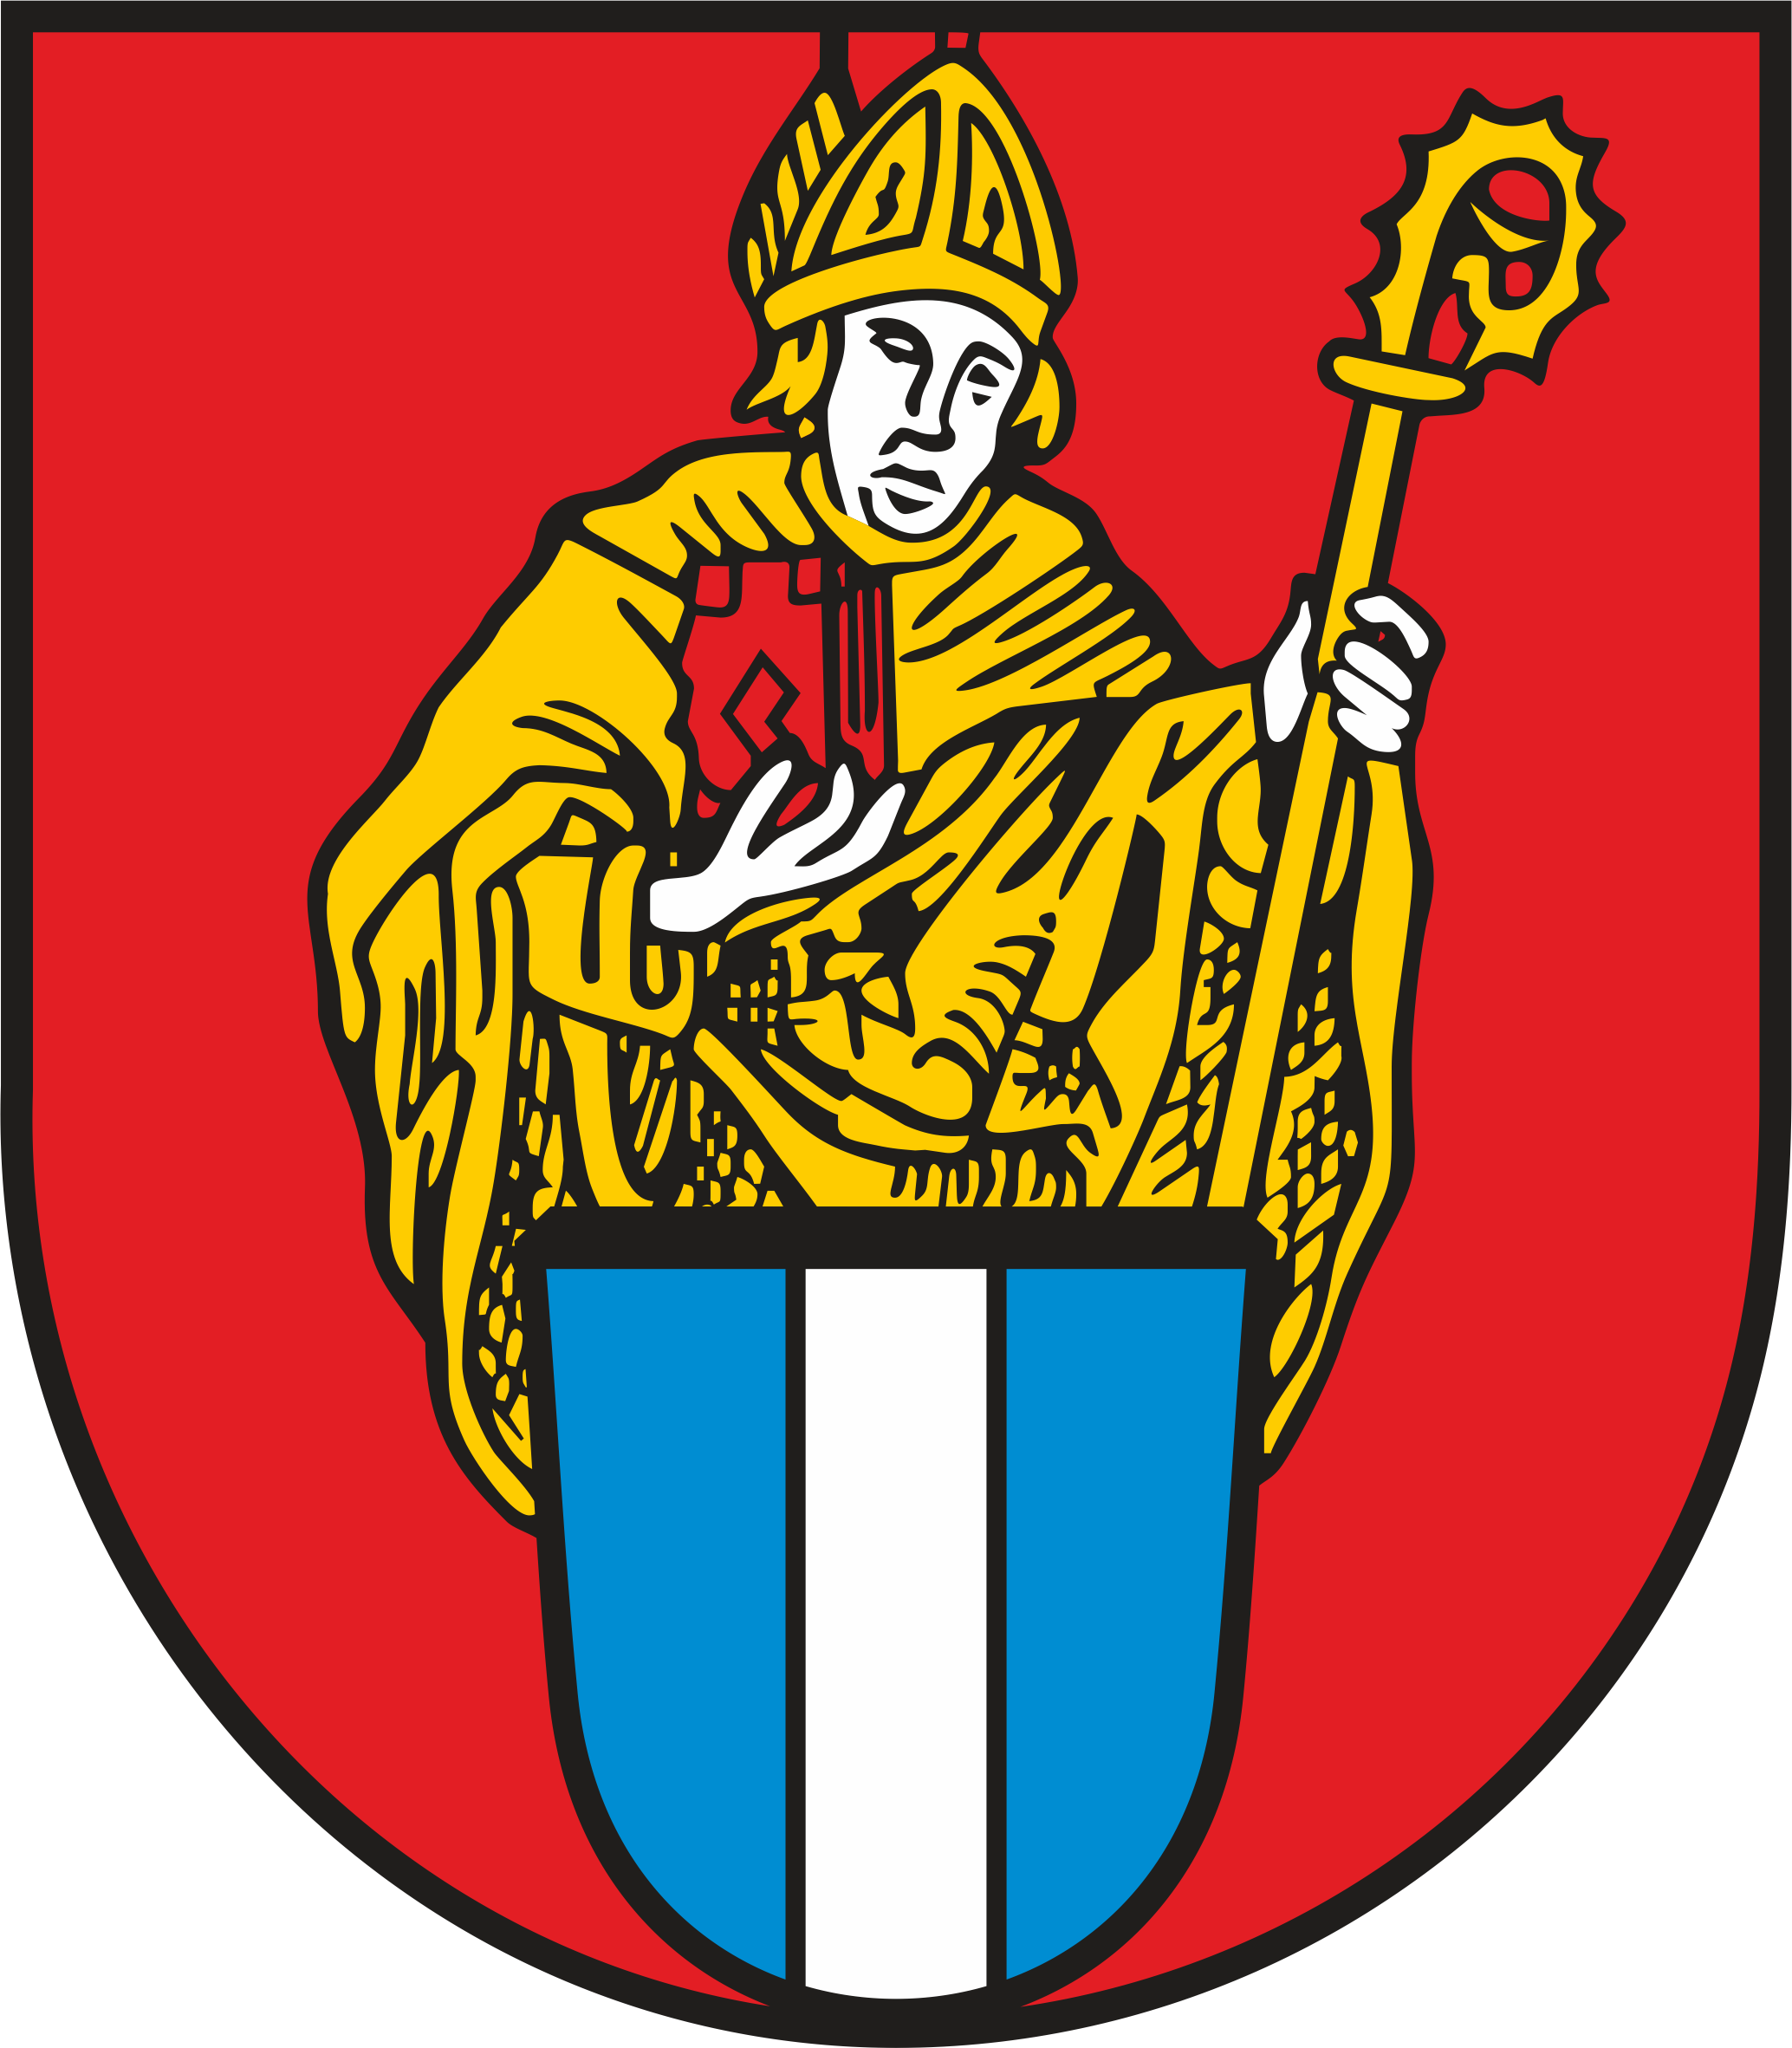 Wappen Glan-Münchweiler